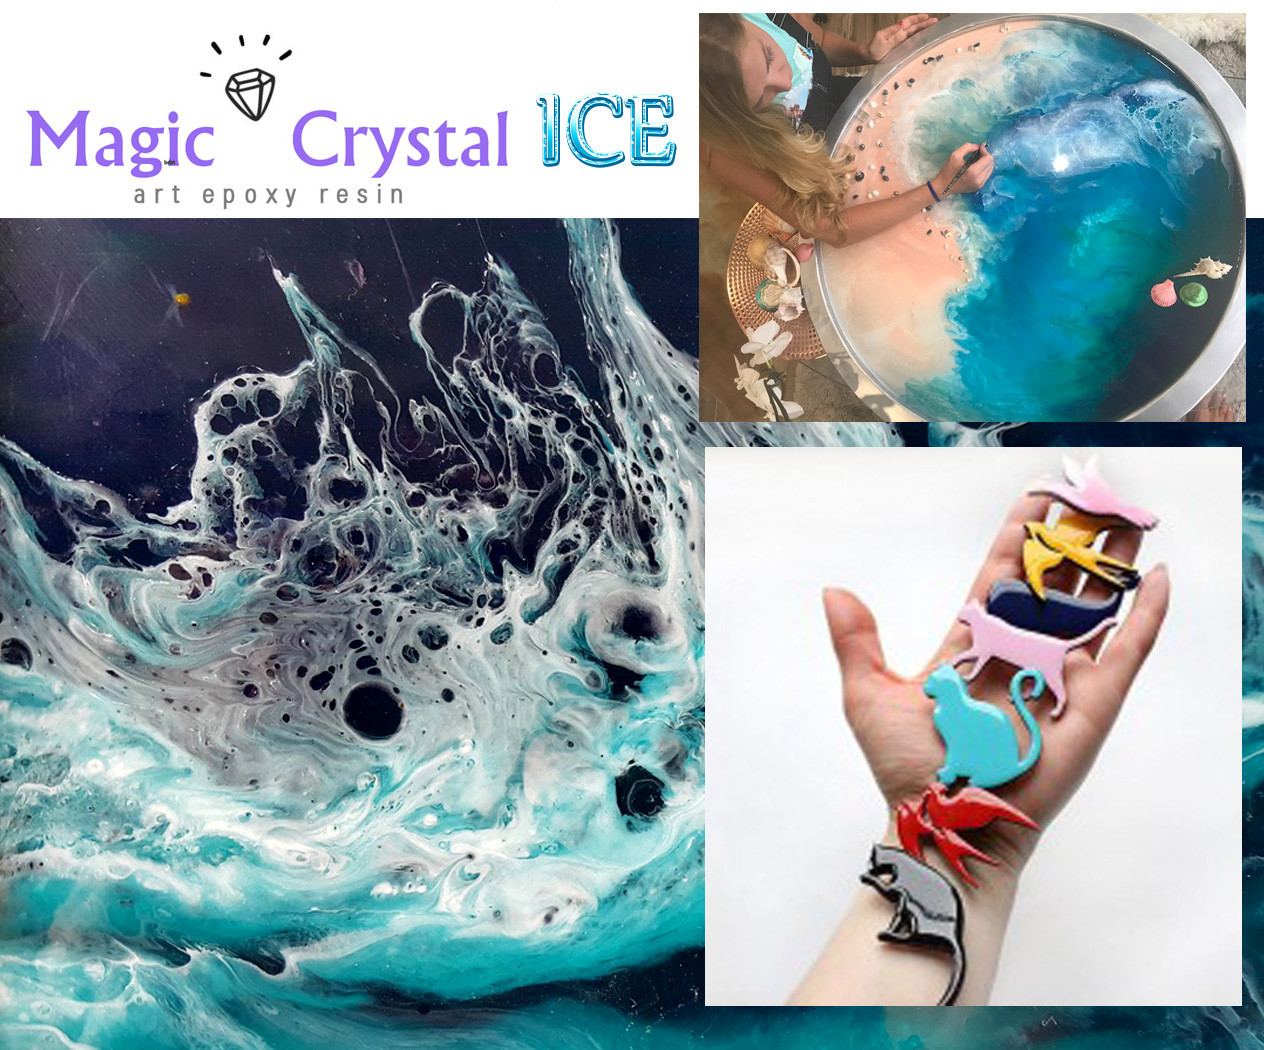 Смола MagicCrystal ICE высокопрозрачная, прочная для картин и глазури (Франция).Быстрой полимеризации.Уп.143 г